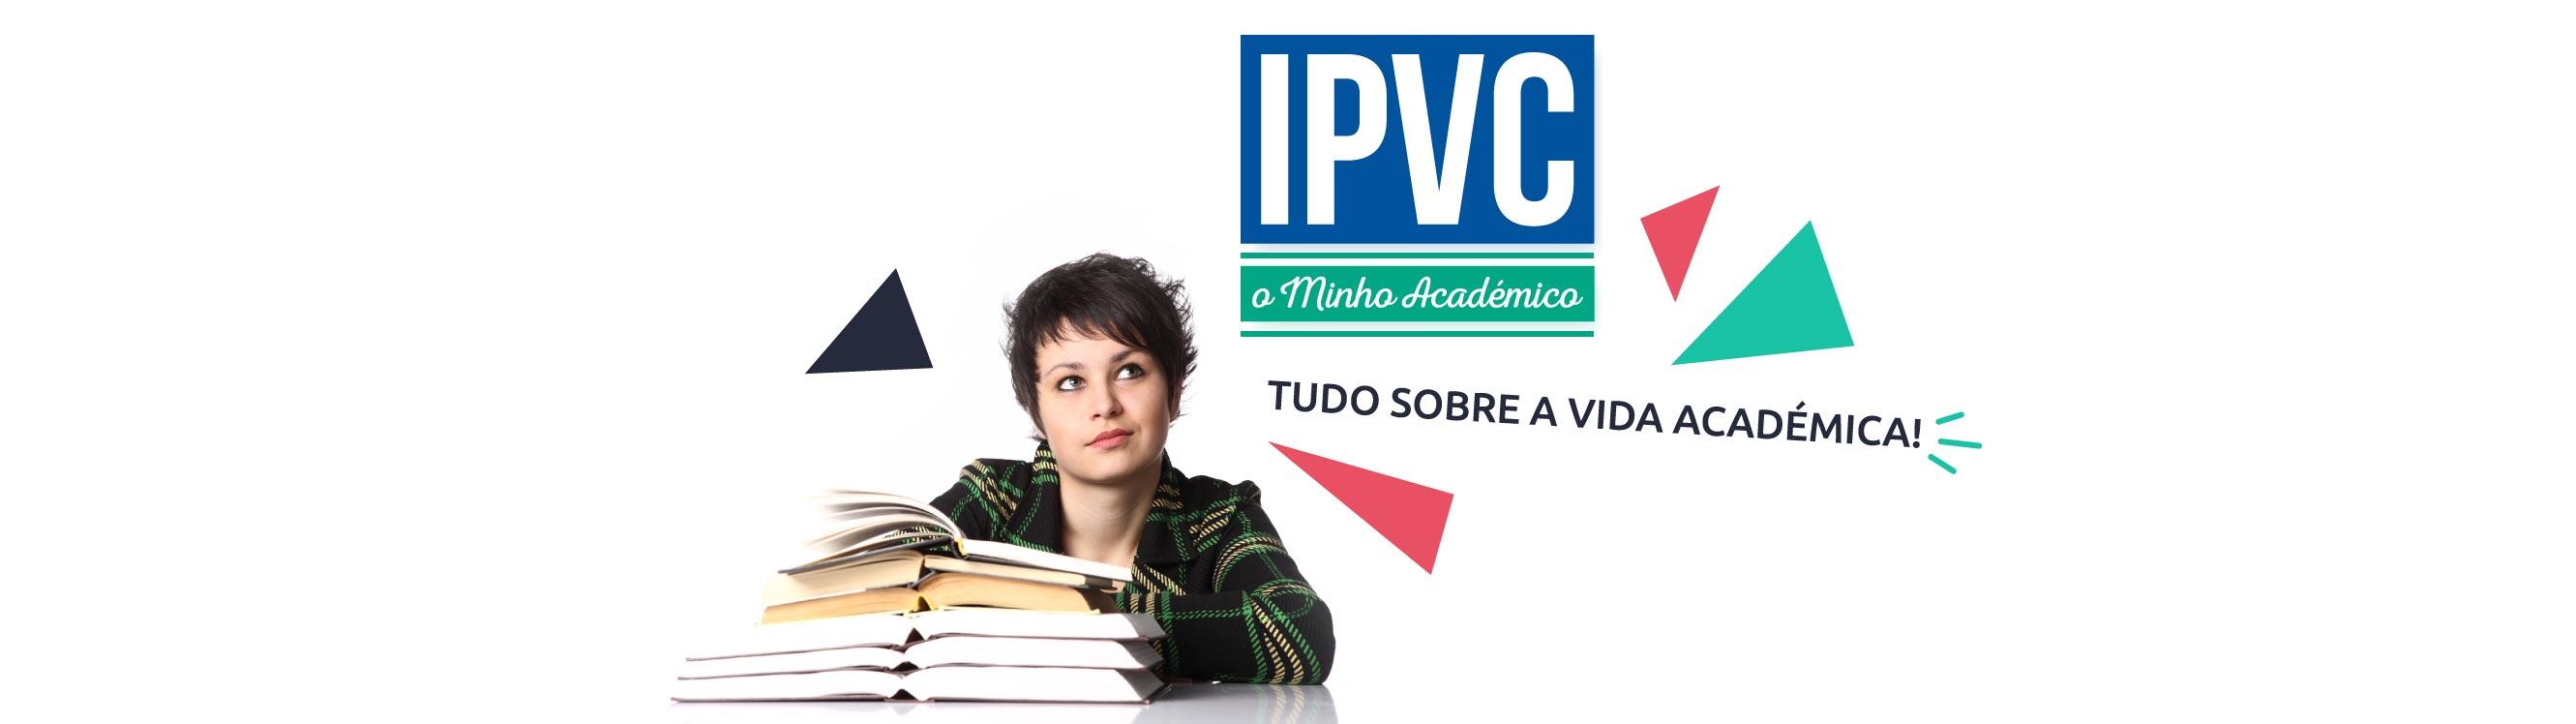 IPVC – O Minho Académico (Ed. 021)